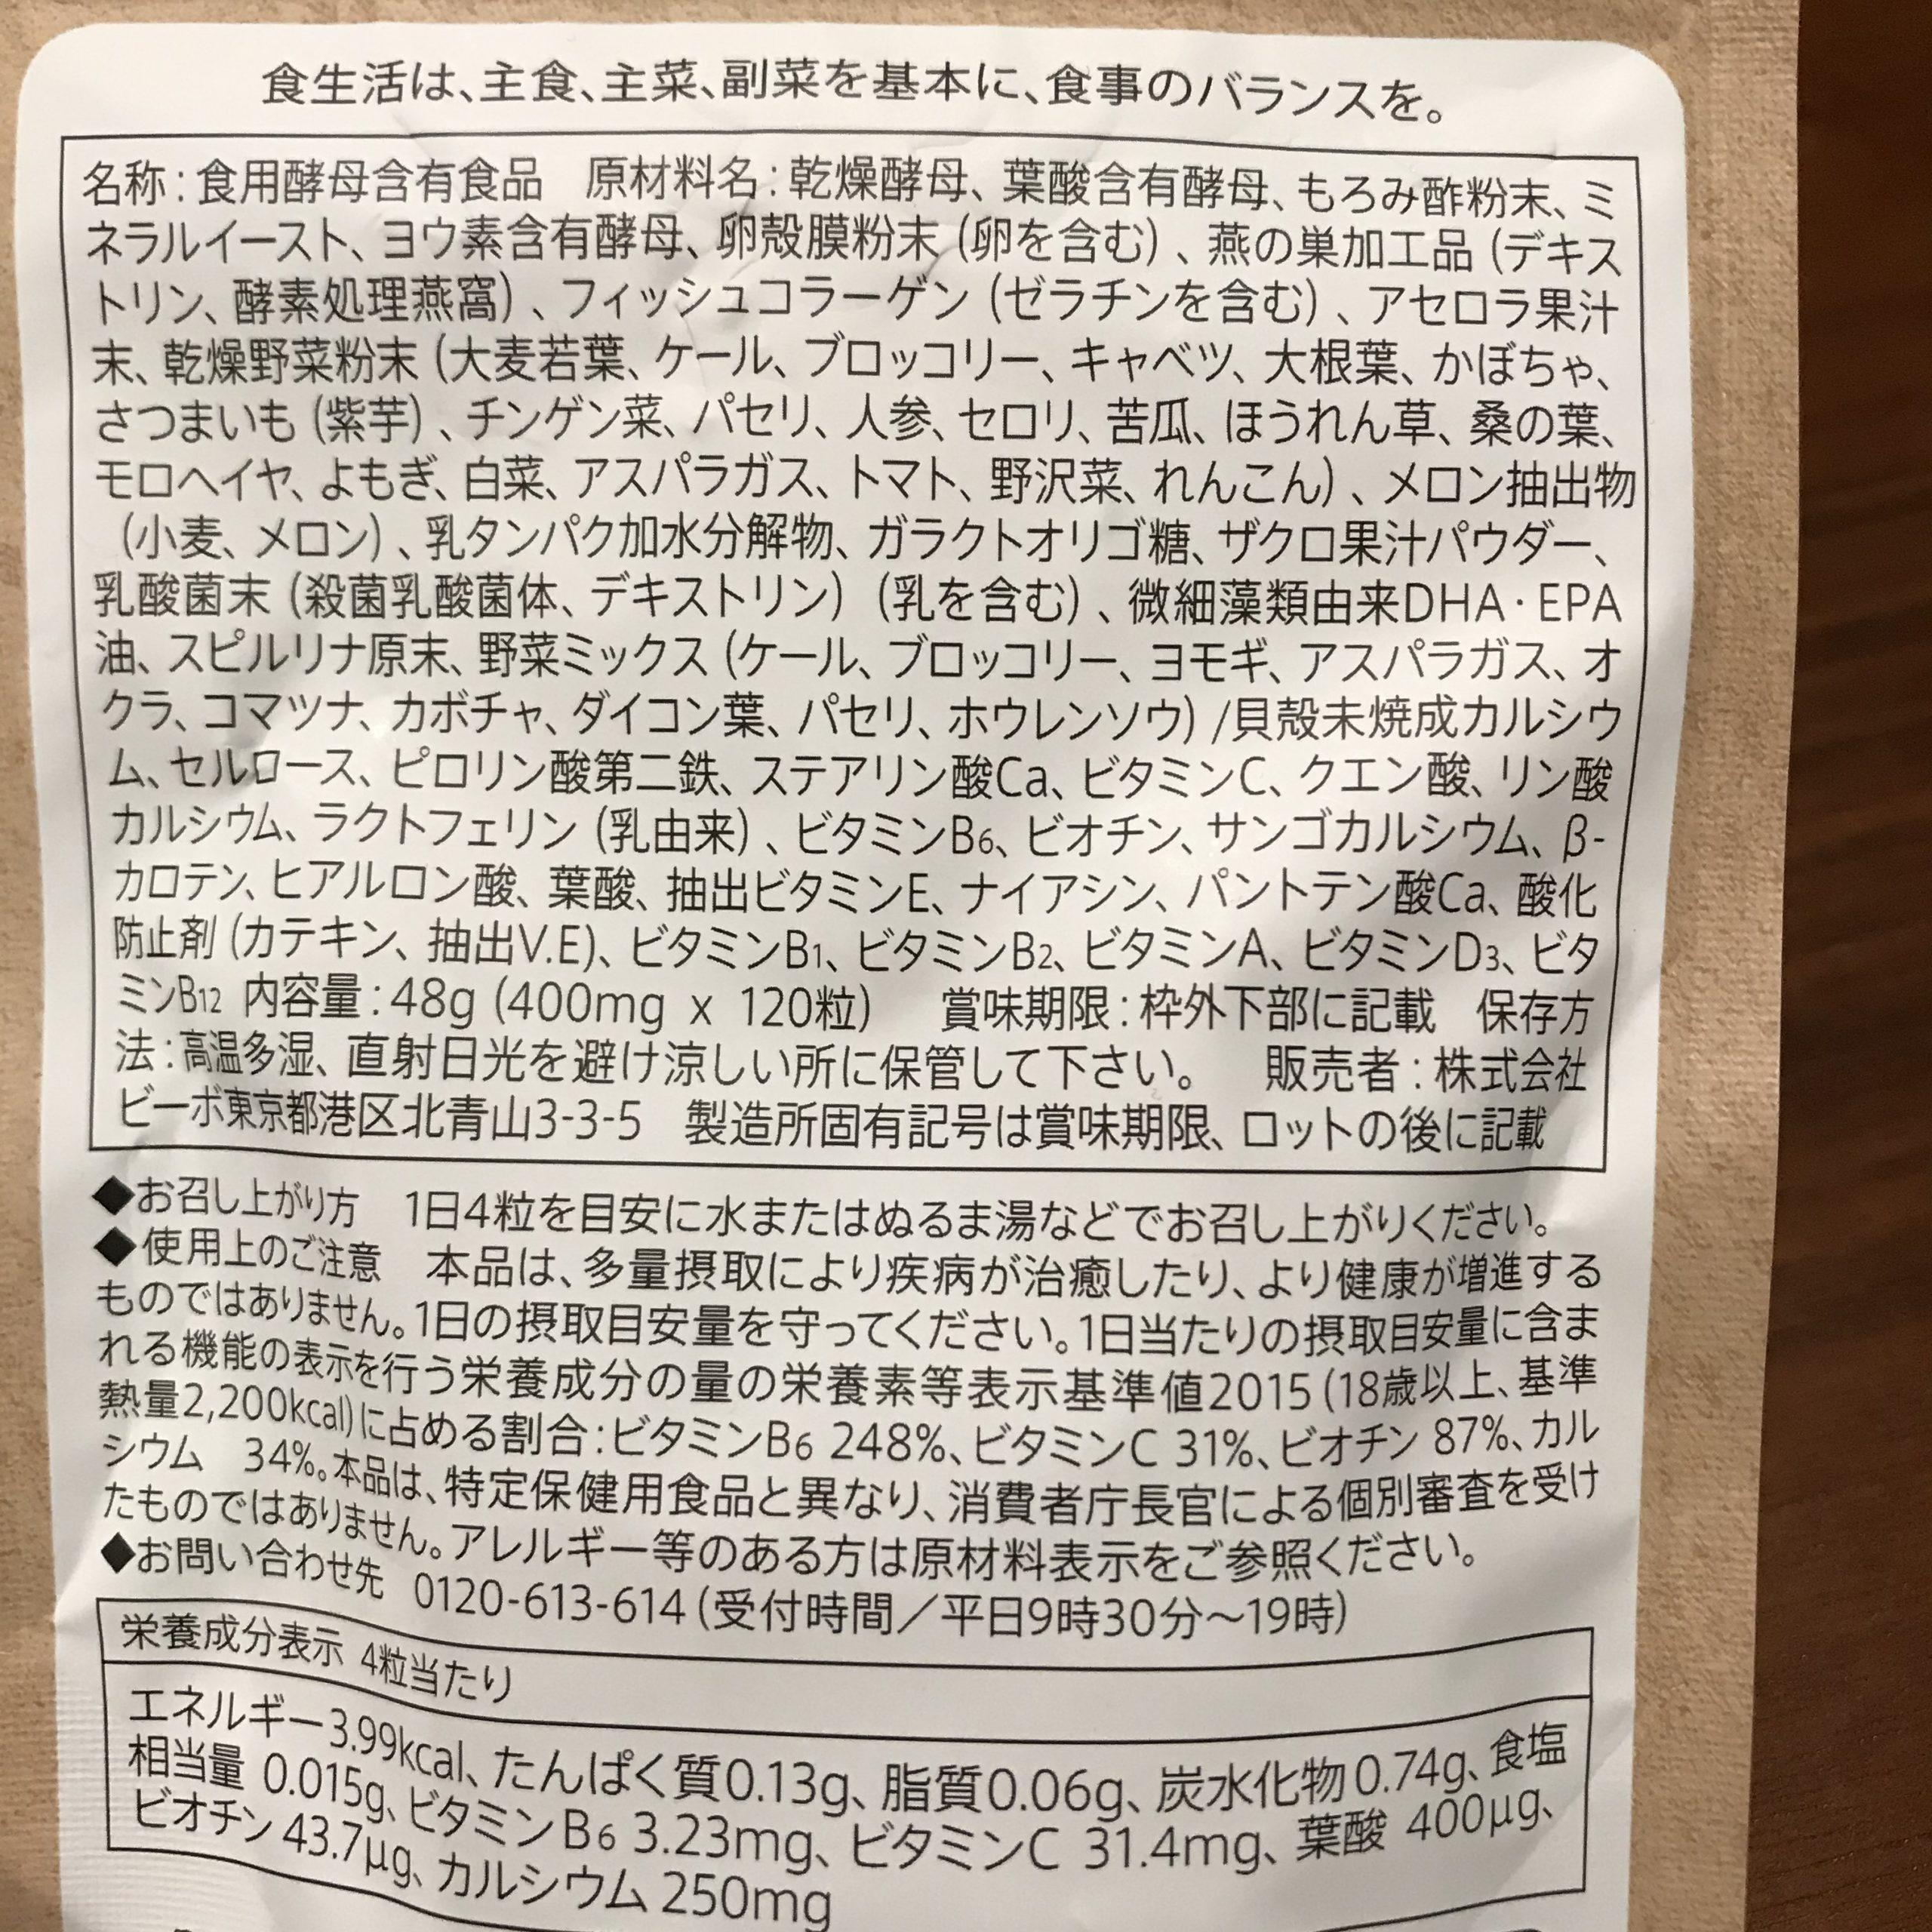 ベルタ葉酸サプリ栄養素